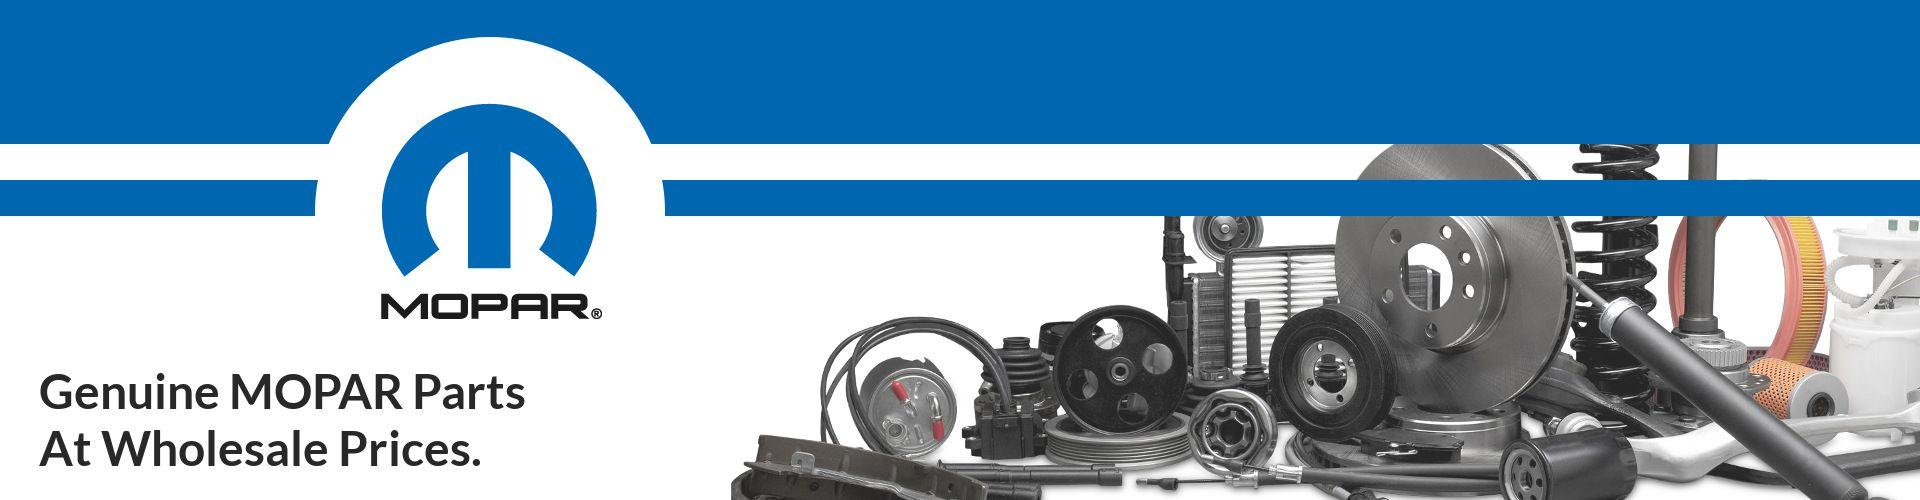 Shop Mopar Parts and Accessories